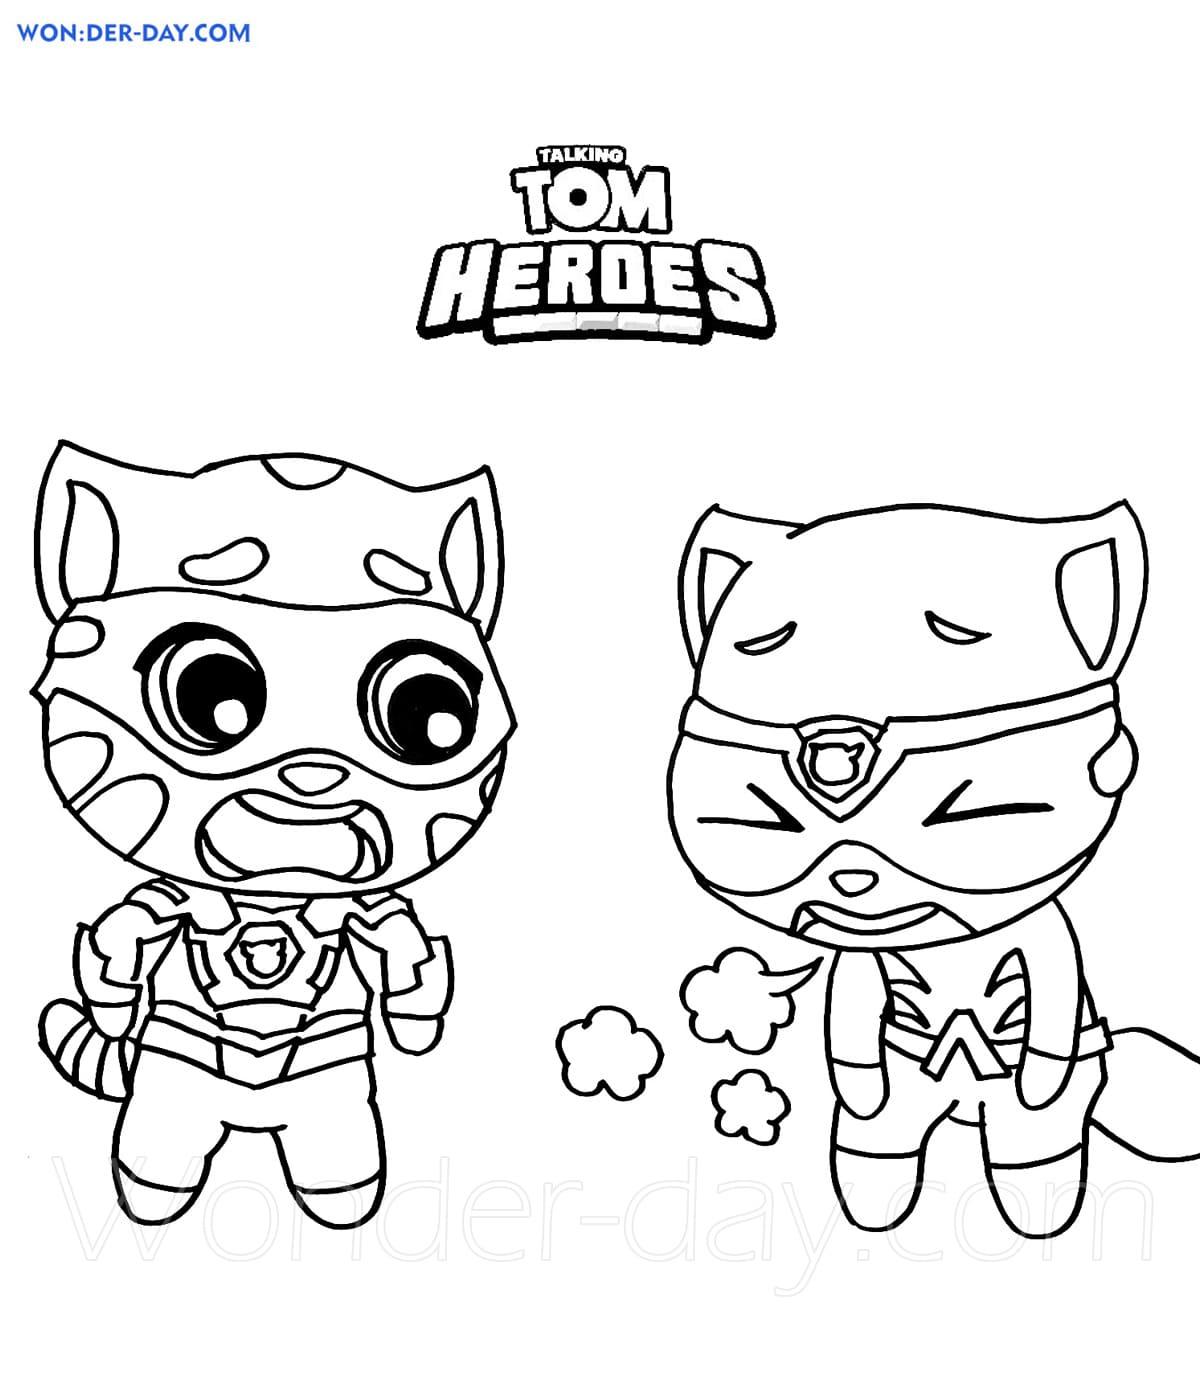 Ausmalbilder Talking Tom Heroes   Malvorlagen zum Ausdrucken